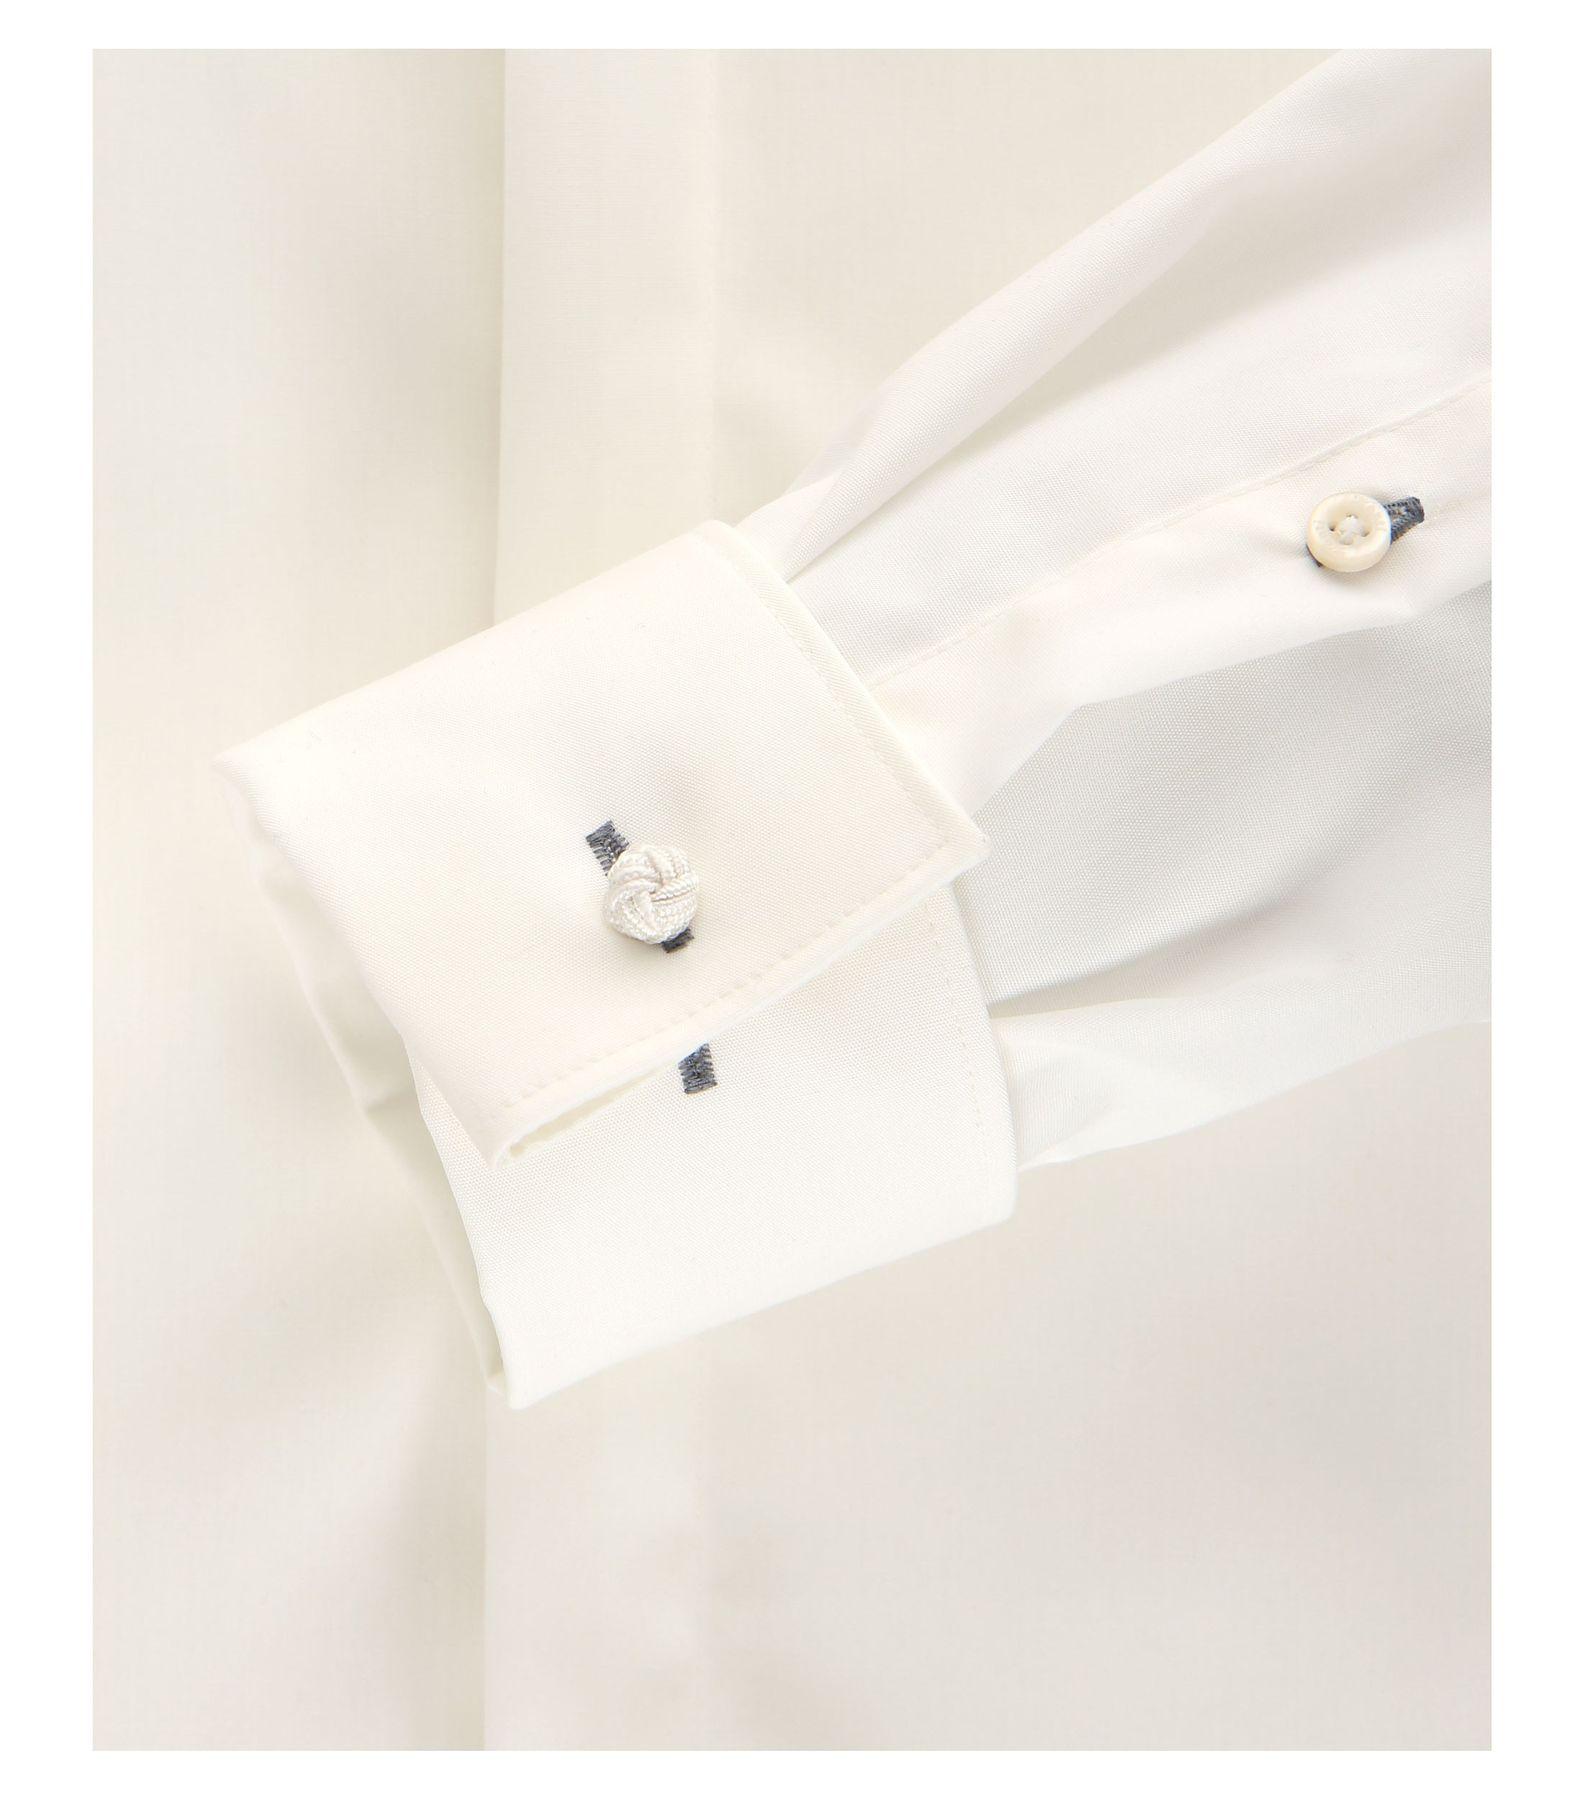 Venti - Evening - Slim Fit-  Festliches Bügelfreies Herren Hemd, schwarz, weiß oder creme (001840) – Bild 11